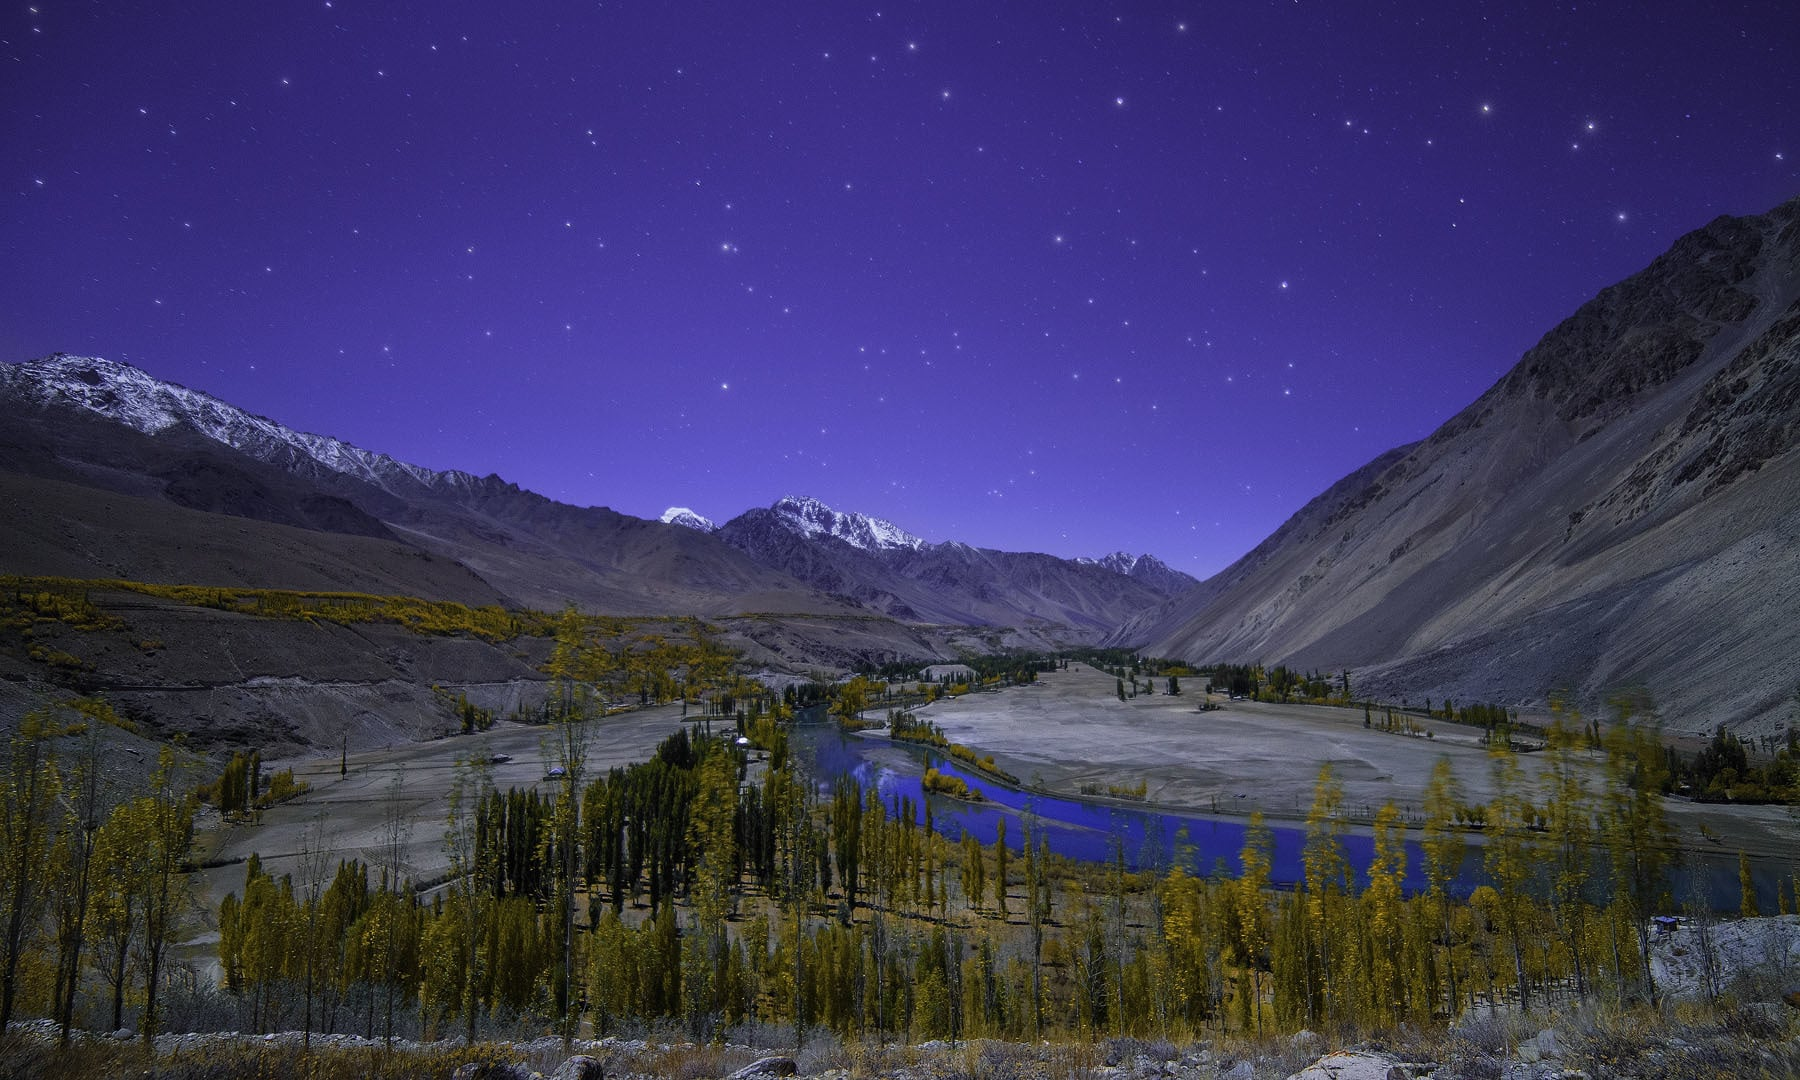 وادی پھنڈر پر اترتی رات— فوٹو سید مہدی بخاری